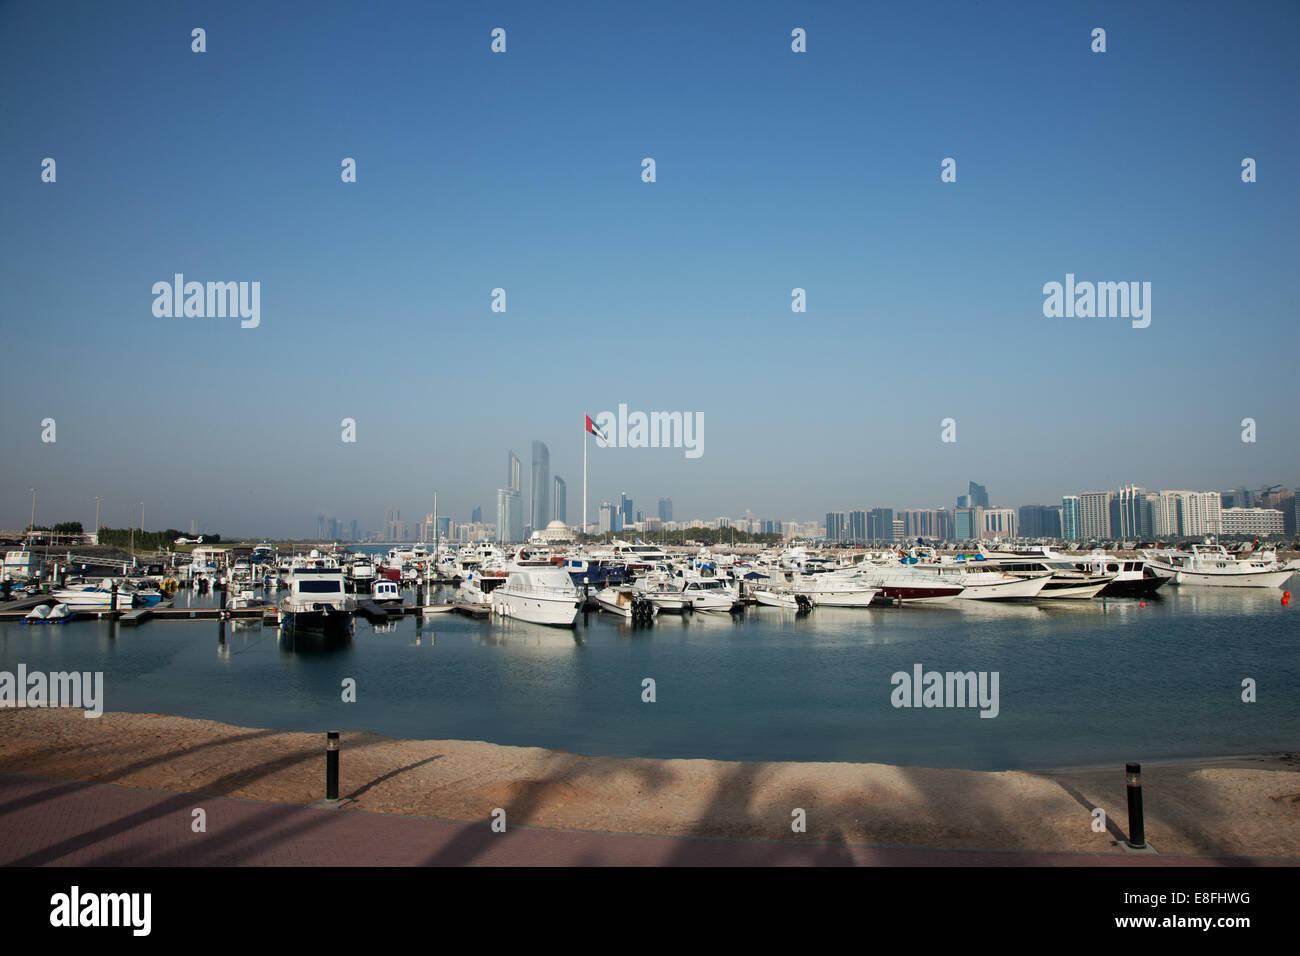 Harbor and city skyline, Abu Dhabi, United Arab Emirates Stock Photo